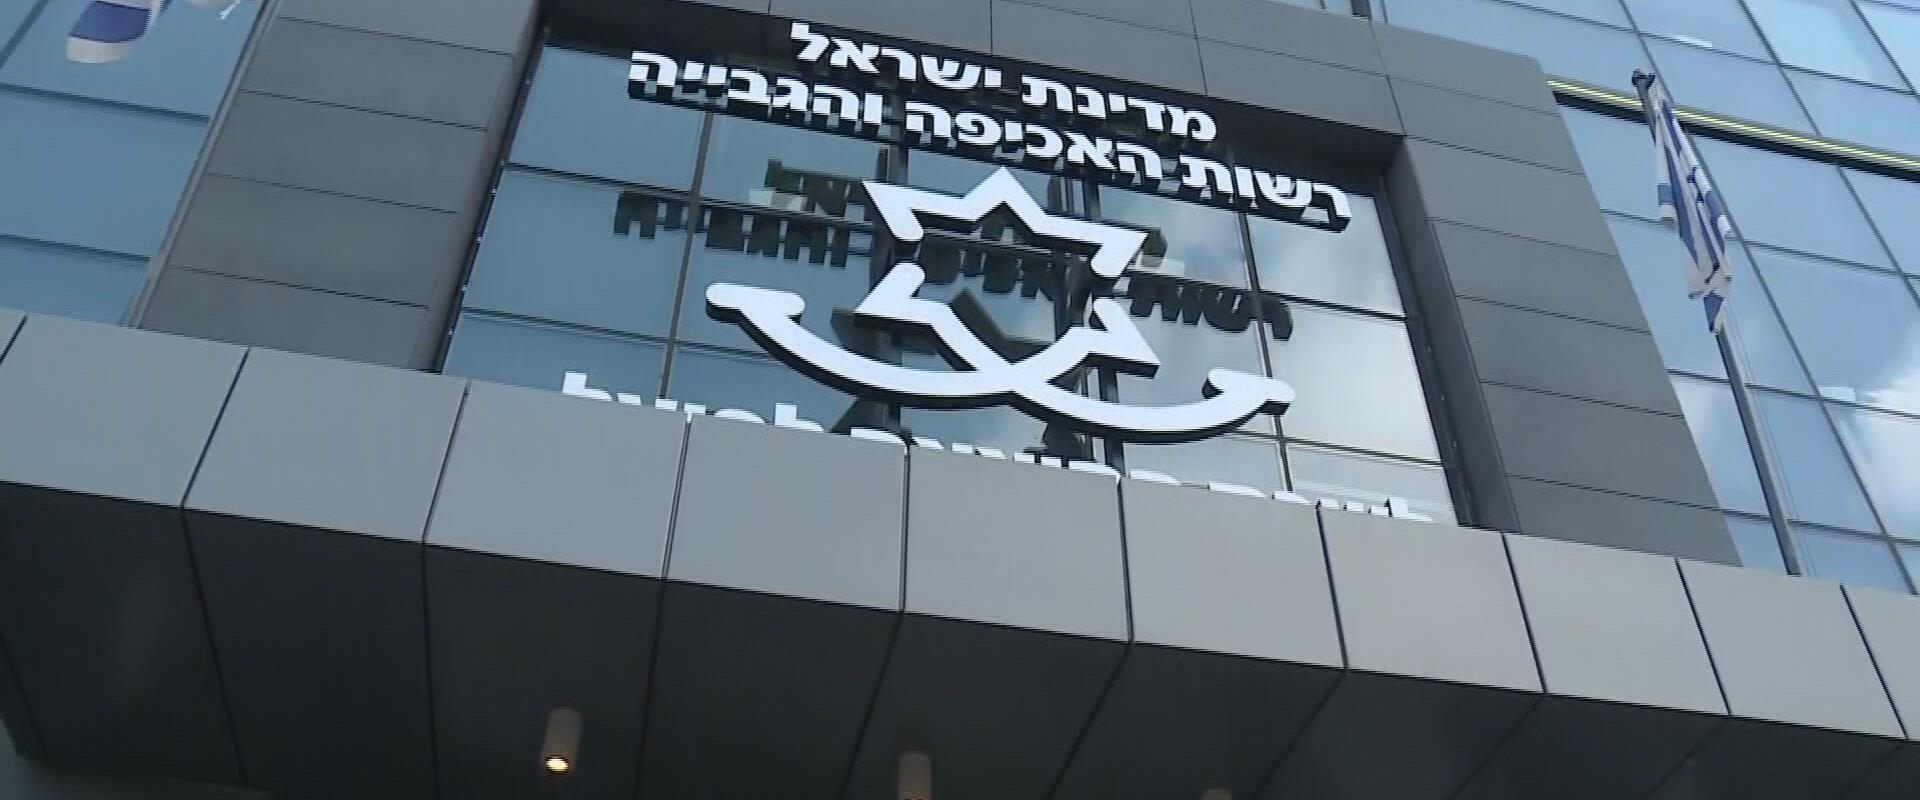 משרדי ההוצאה לפועל בתל אביב, ארכיון